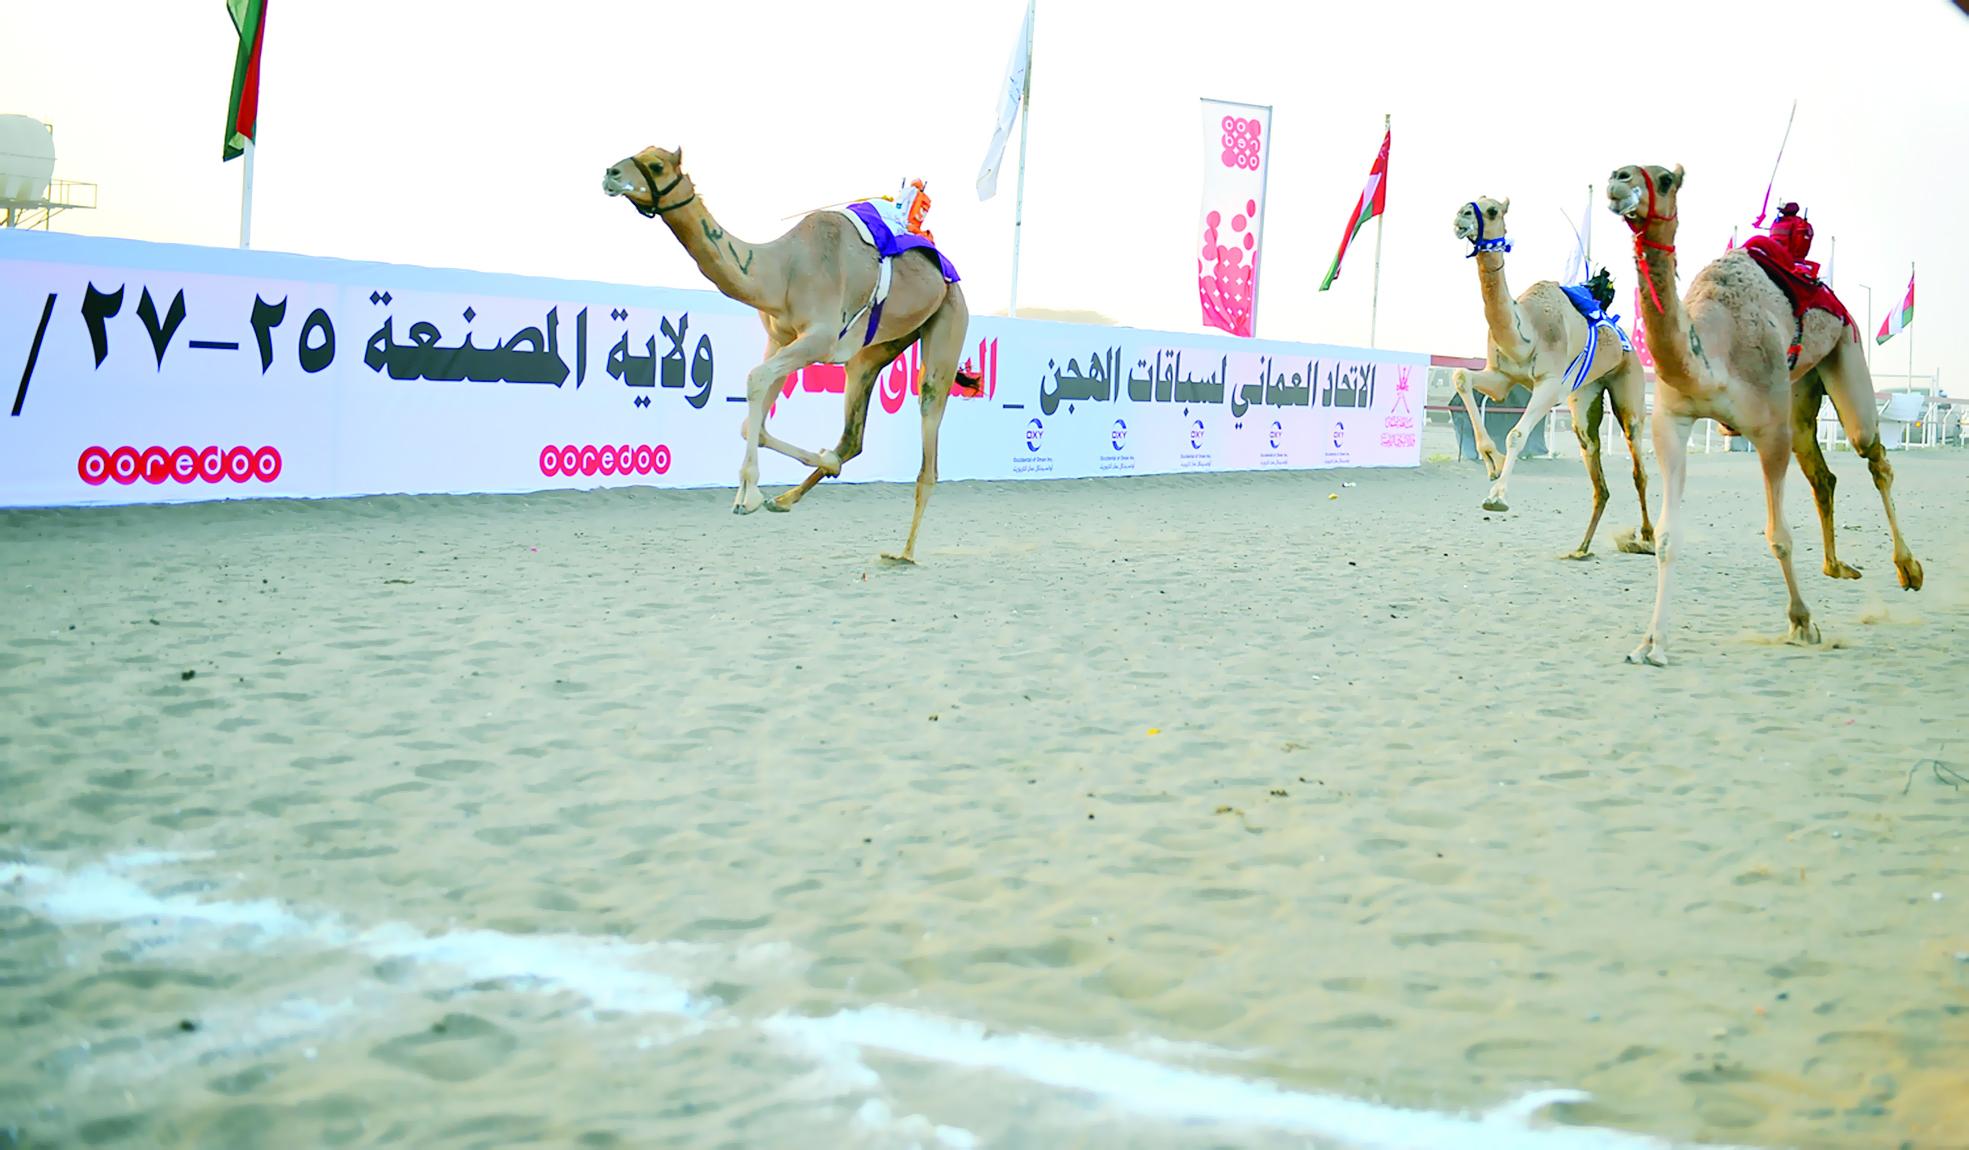 بدعم من أوكسيدنتال عمان و ( أوريدو )16 شوط للحجائج بانطلاق منافسات السباق العام للهجن بالمصنعة